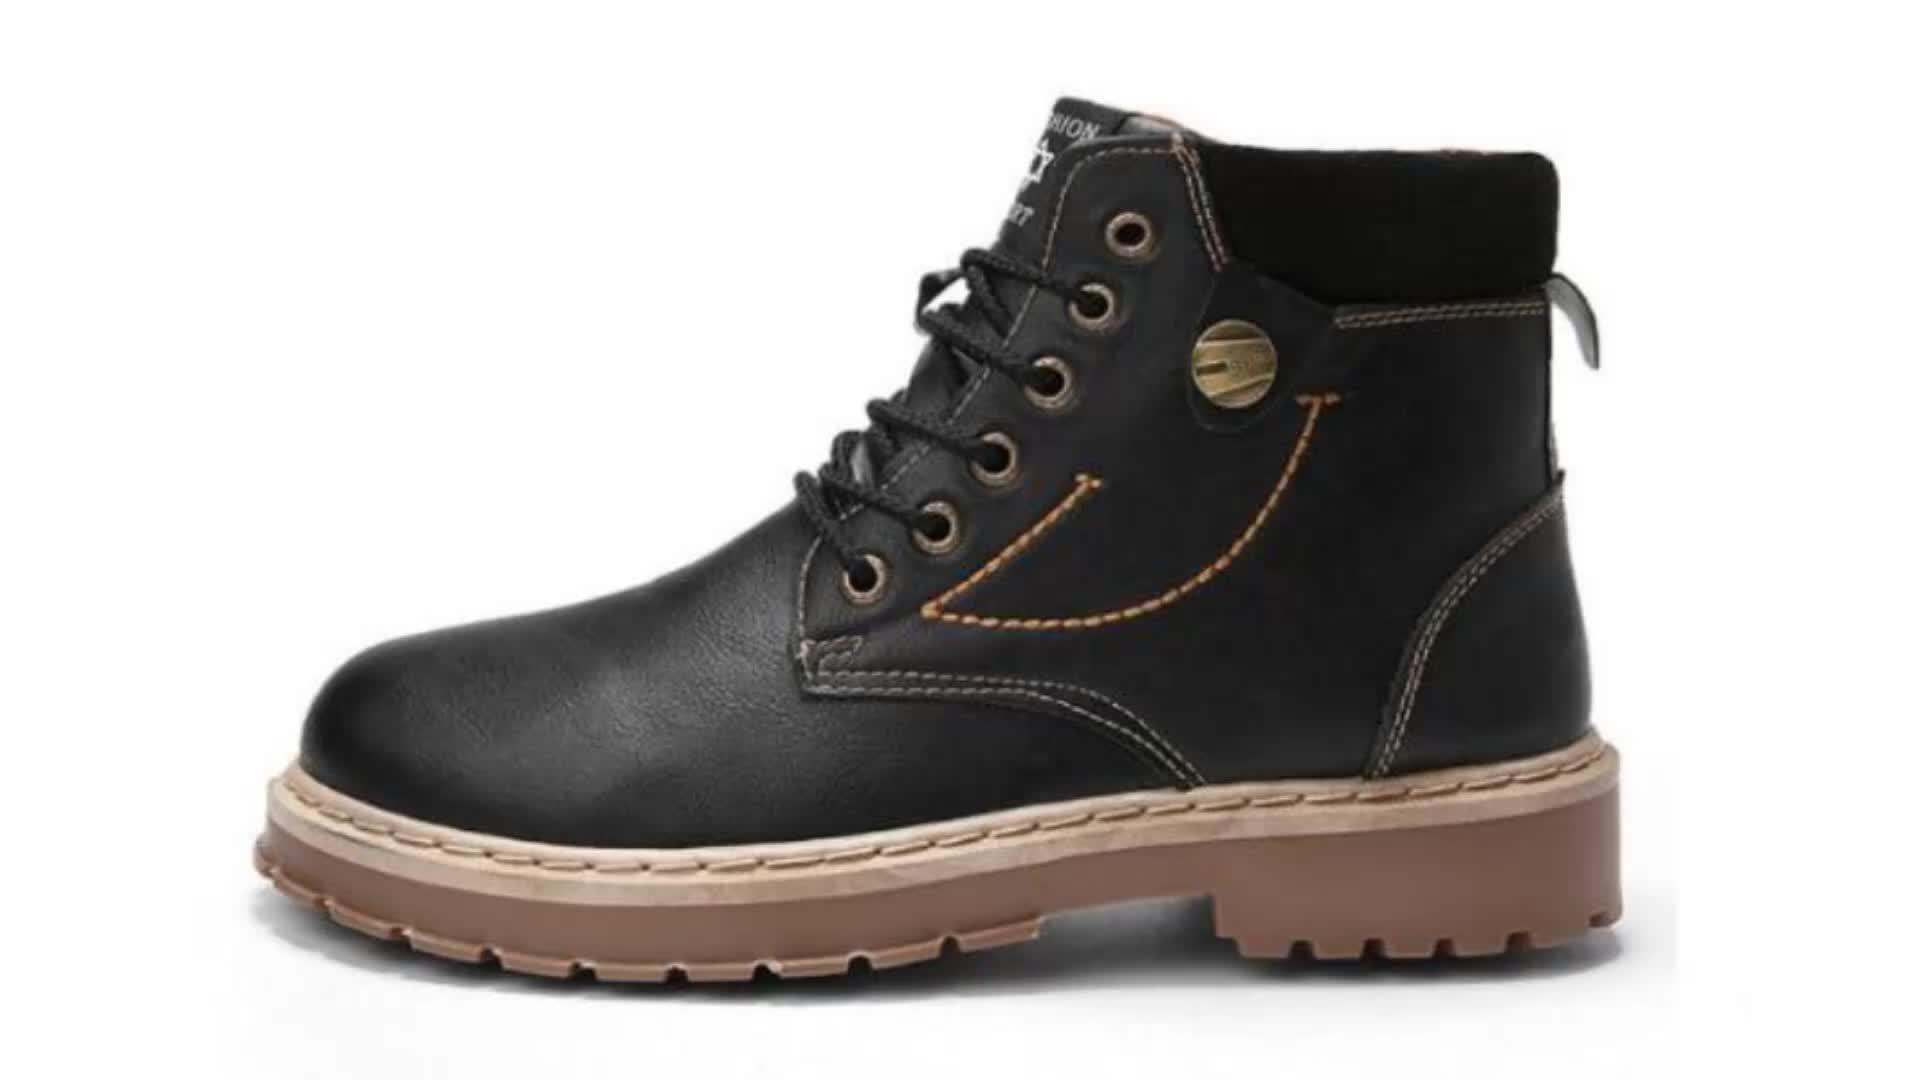 Мужские зимние рабочие ботинки, Теплые ботильоны с пушистым мехом, повседневная обувь, новинка 2019